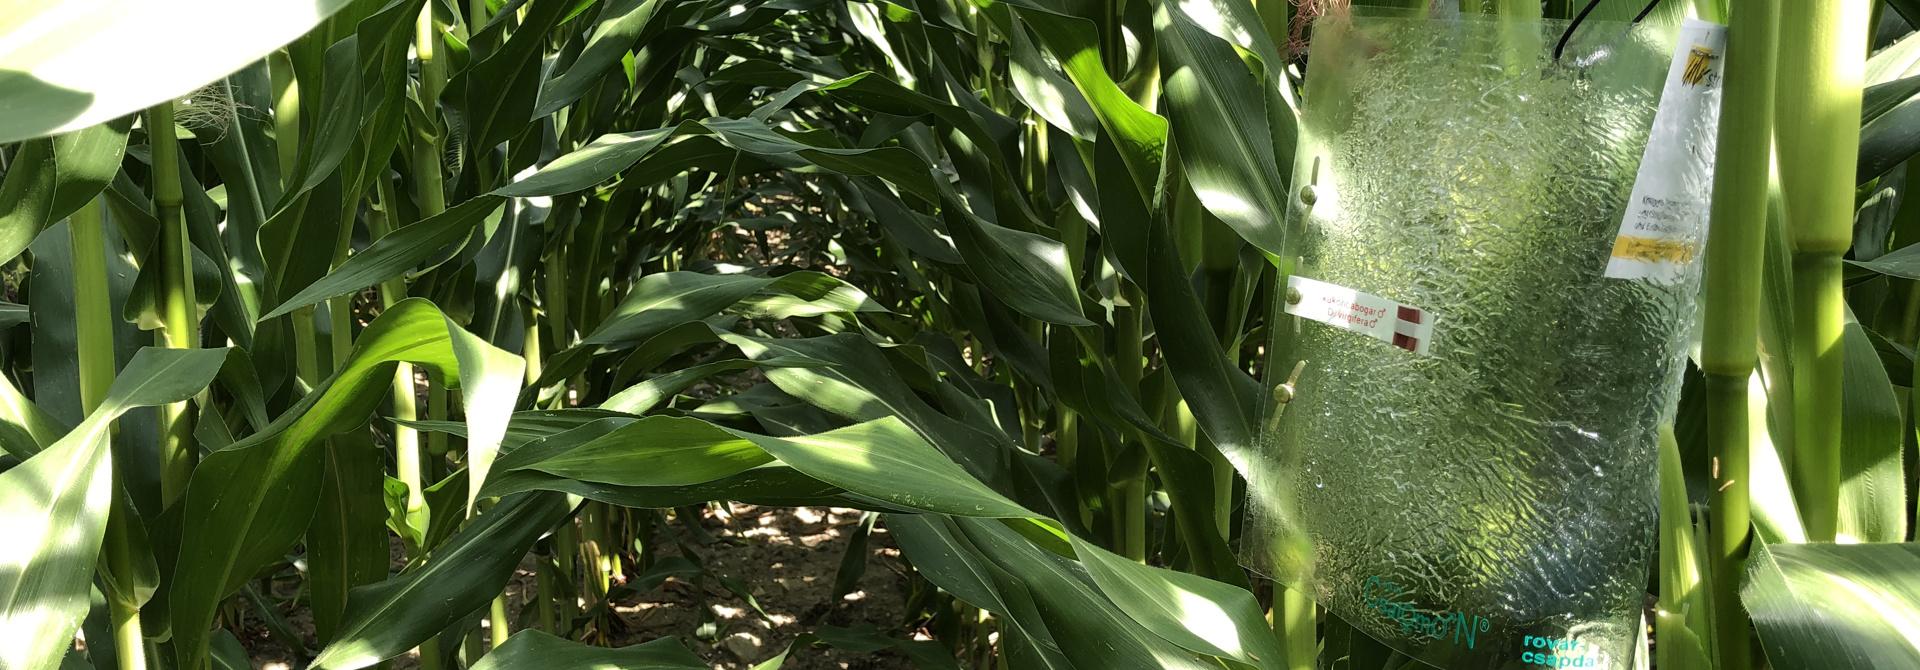 Die Fallen zur u00dcberwachung des Maiswurzelbohrers werden direkt an die Pflanze gehu00e4ngt. Sie bestehen aus einer Klebefalle und einem Duftstoff, der die Ku00e4fer anzieht.>